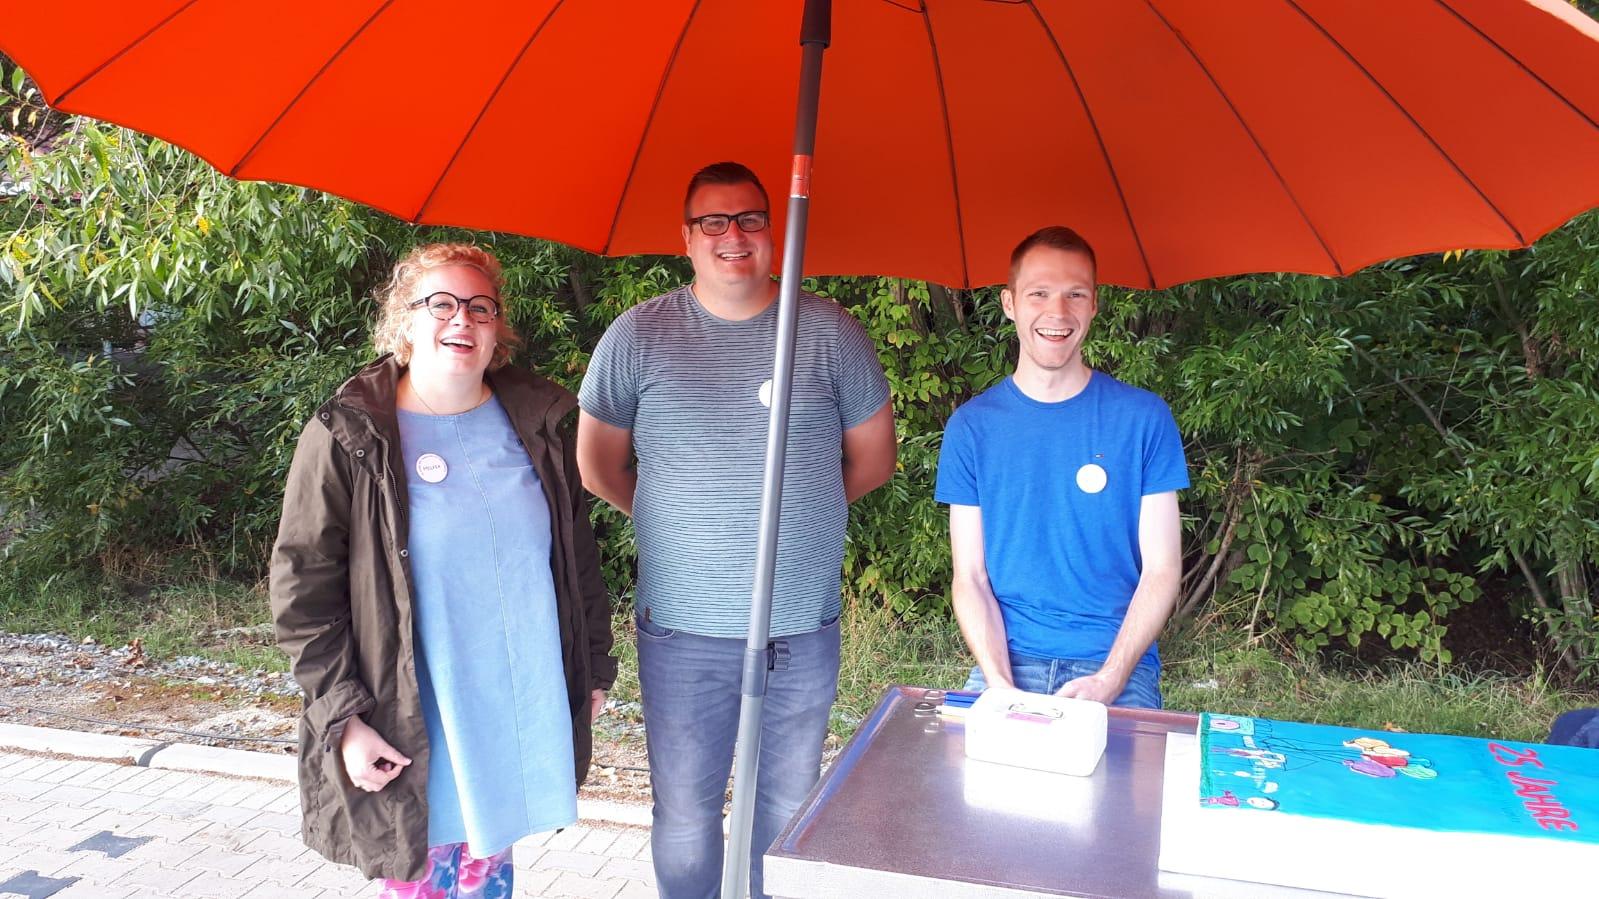 Das Bild zeigt drei lachende Personen hinter einer Theke und unter einem Sonnenschirm